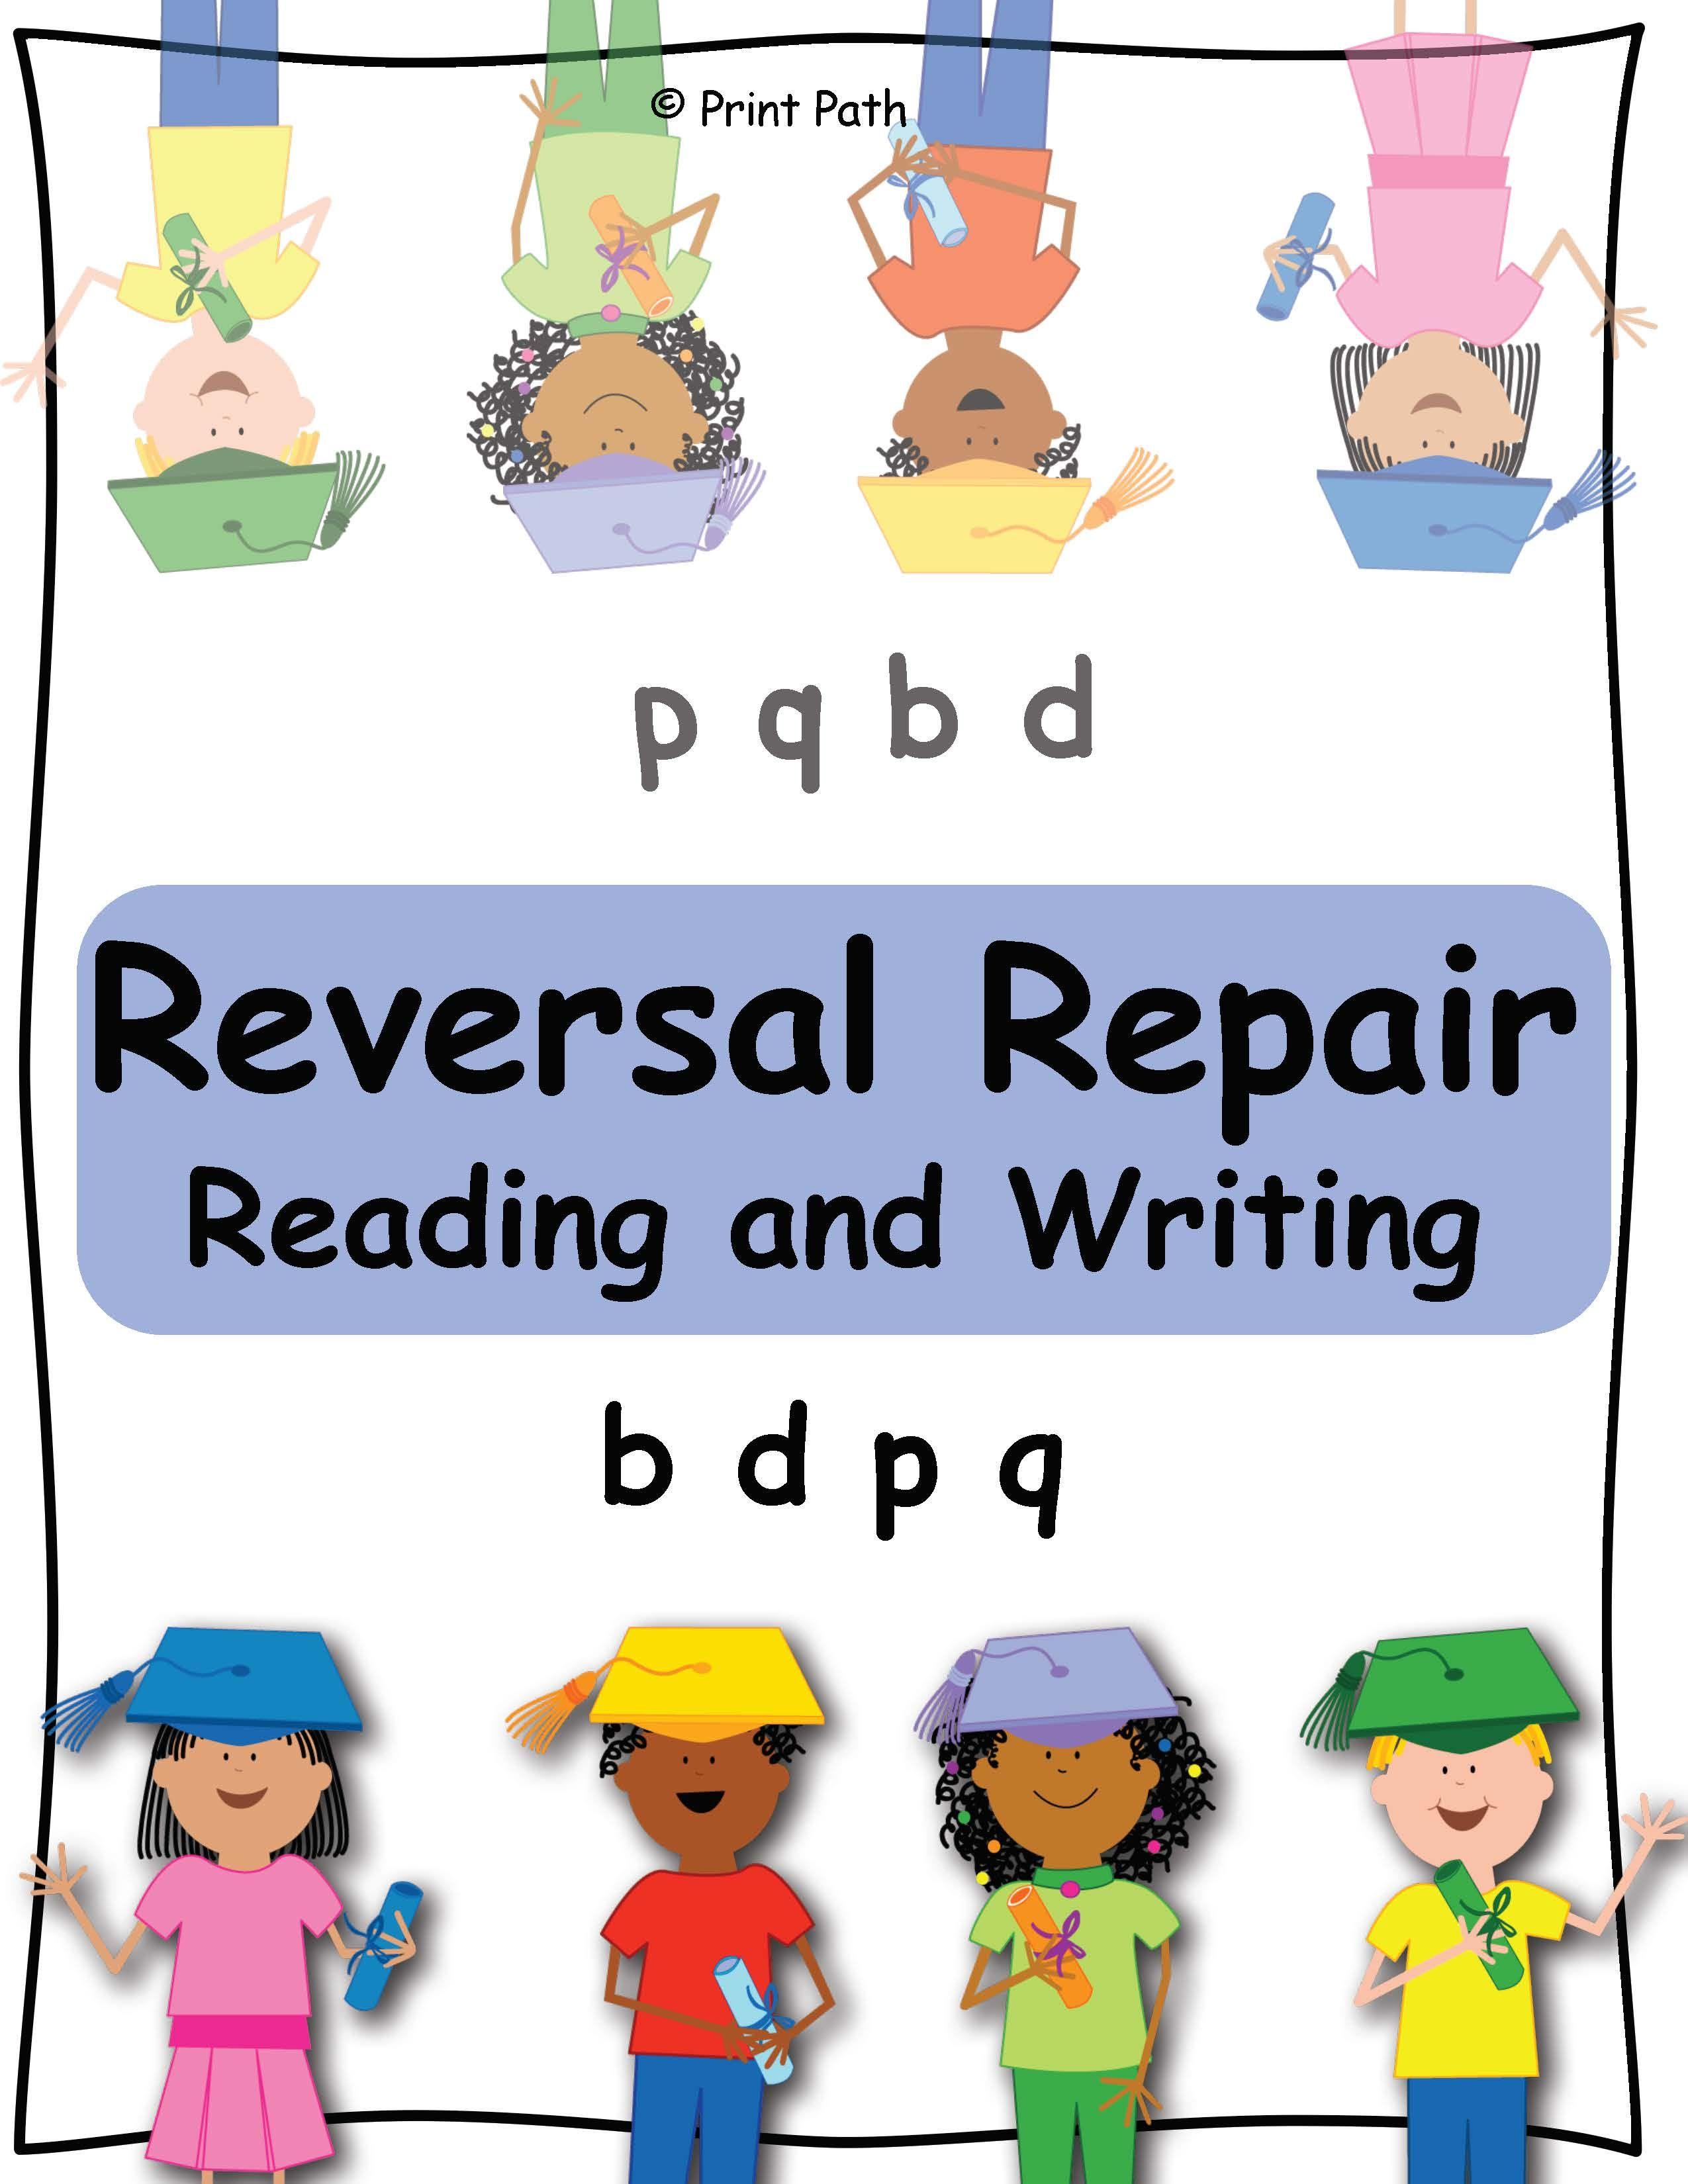 Reversal Repair